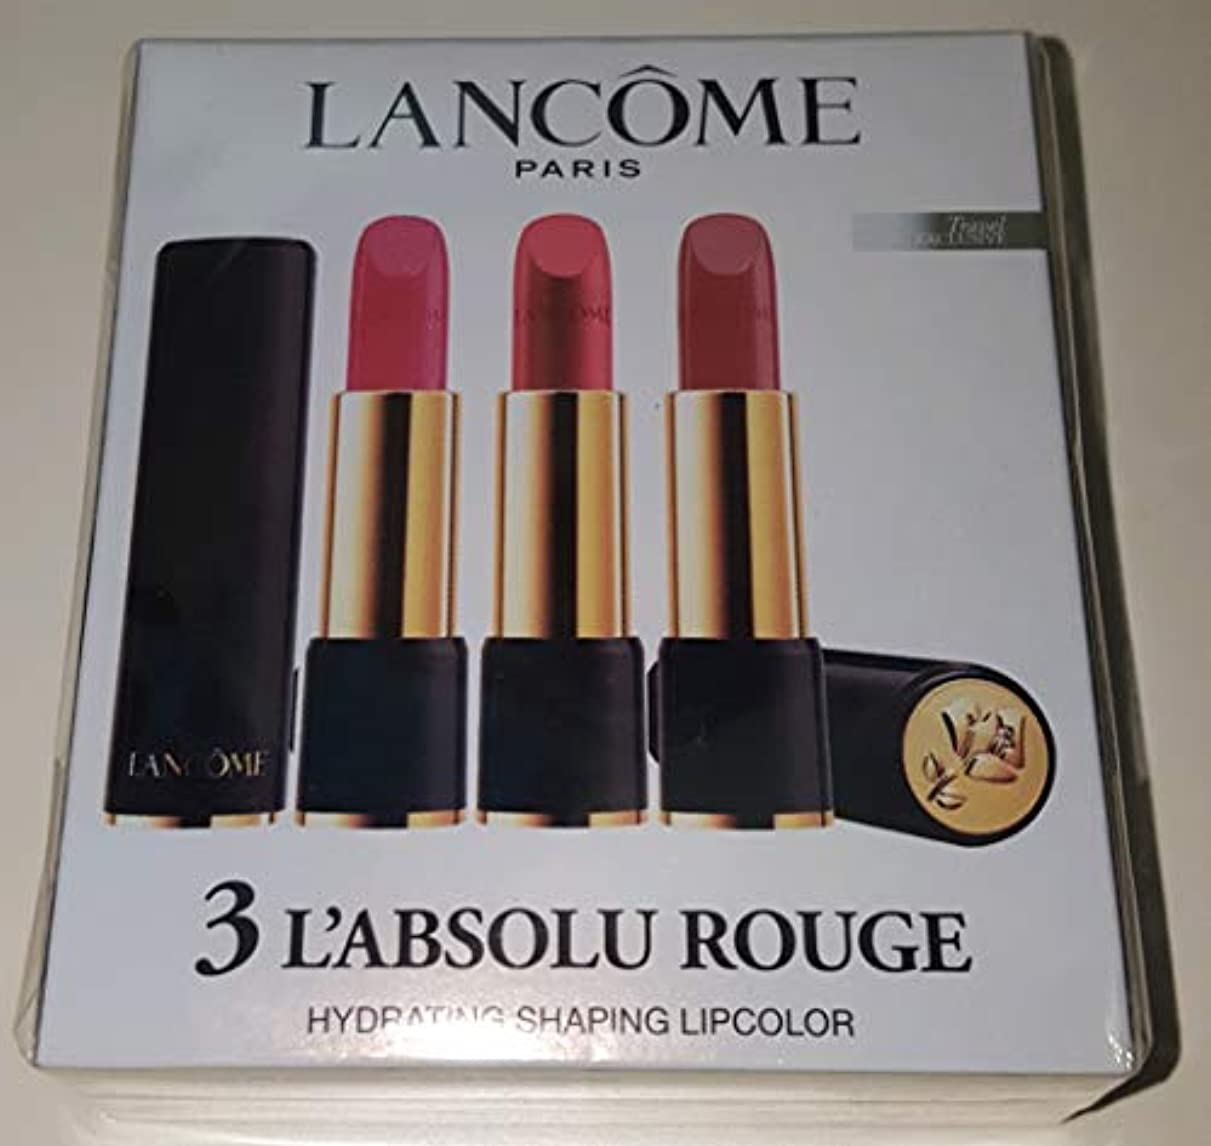 組み合わせ顧問尊敬するLANCOME ランコム 3 L'ABSOLU ROUGE 口紅 3本 セット